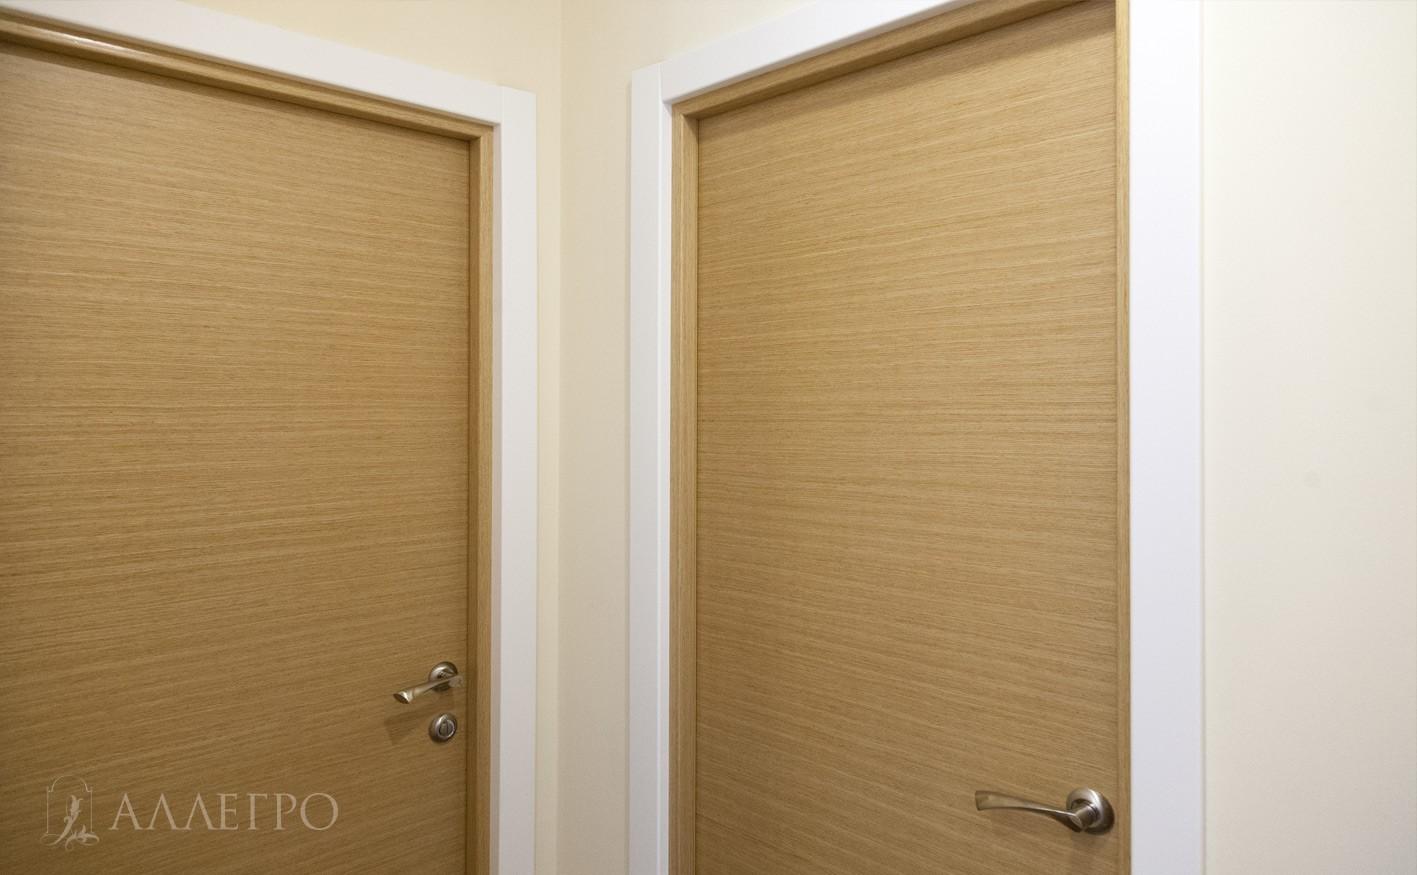 Вид из угла на двери из натурального шпона